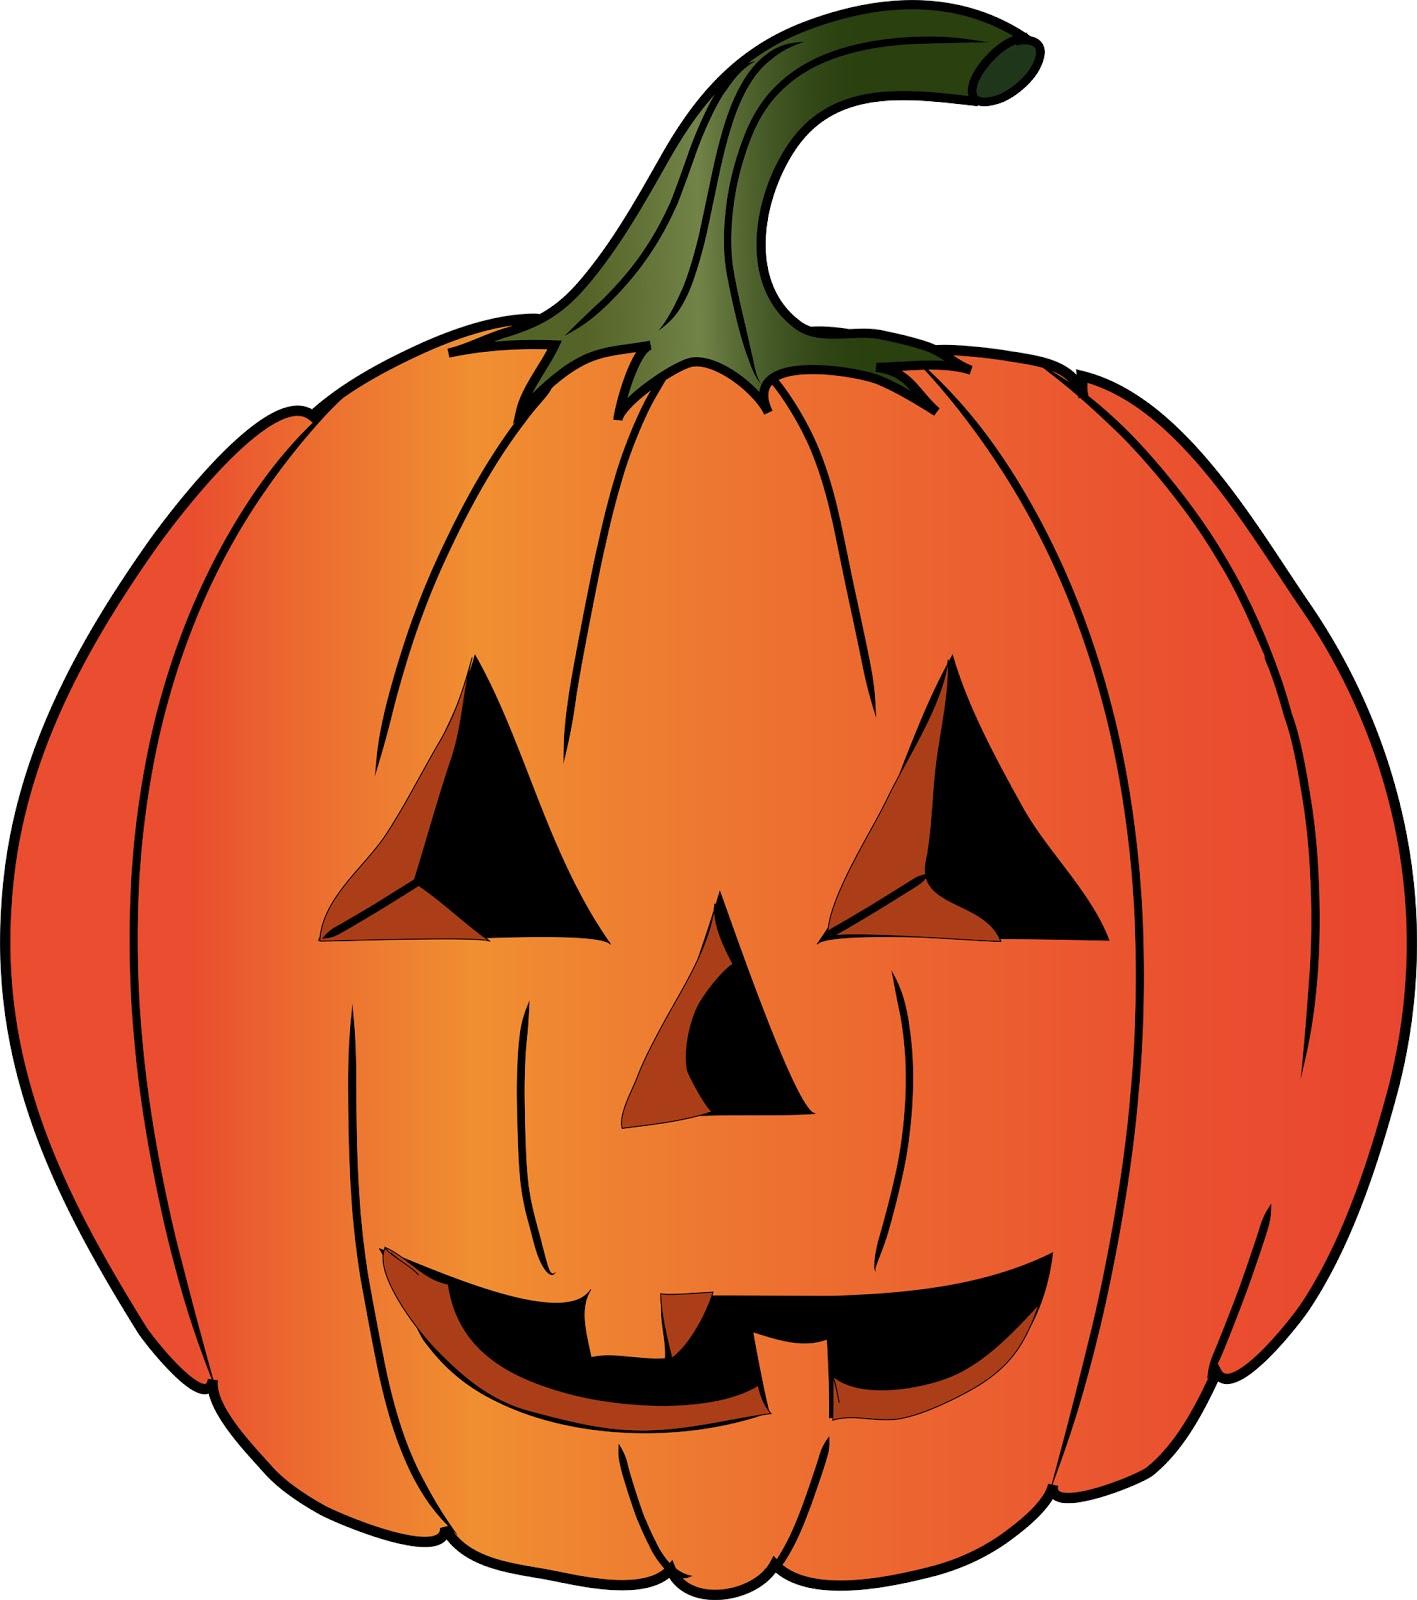 carving clipartlook. Pumpkin clipart pumpkin decorating